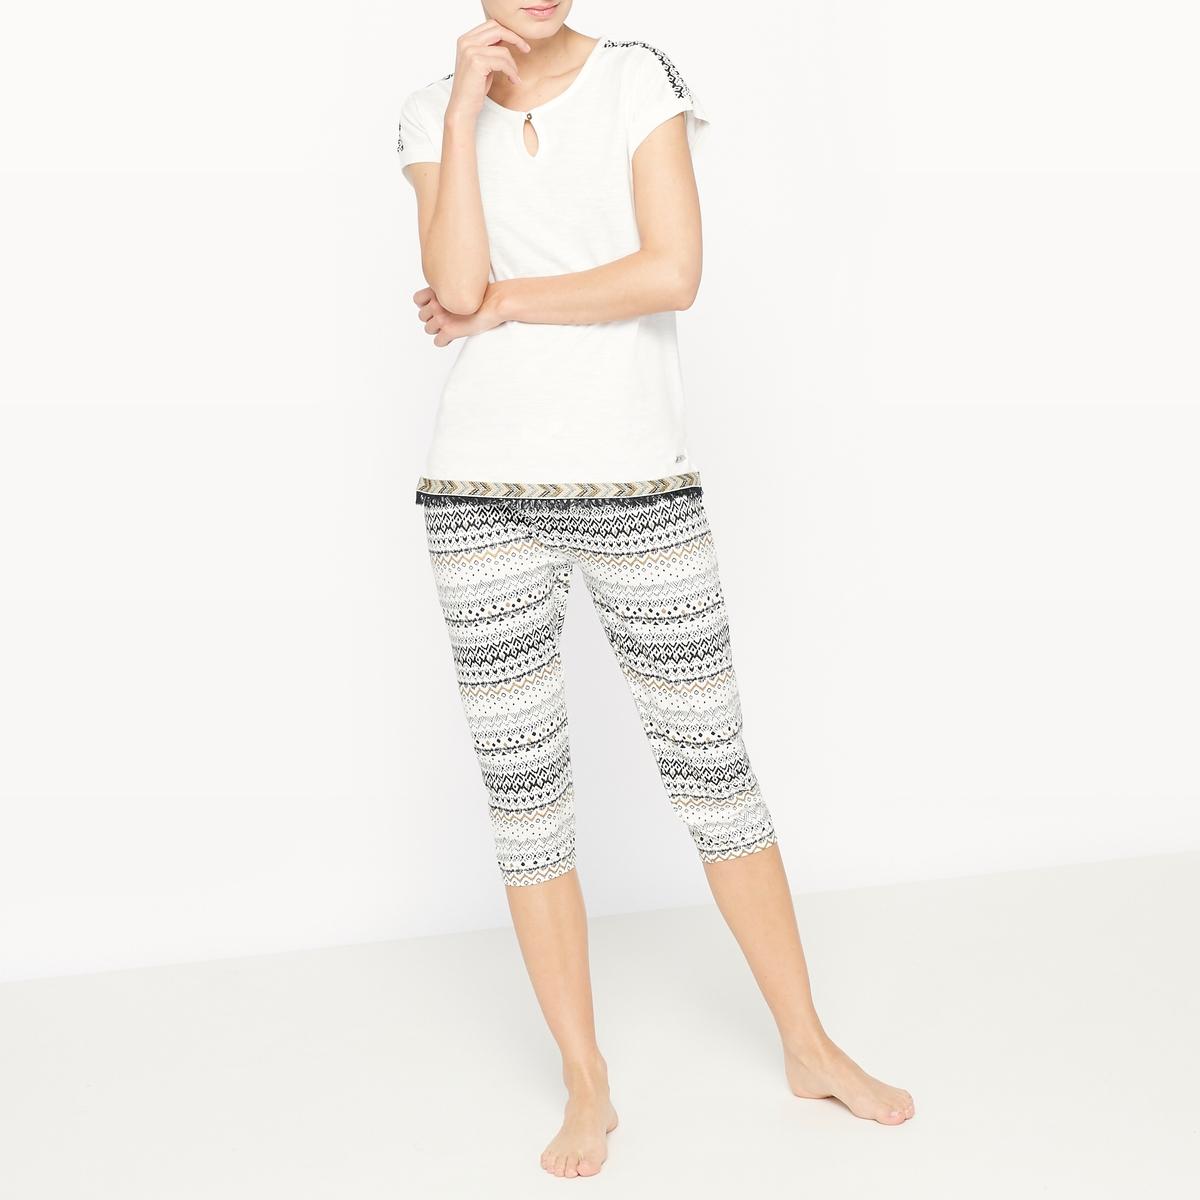 Пижама с короткими рукавами и короткими брюками из хлопка Galon футболка из хлопка с эффектом фламме